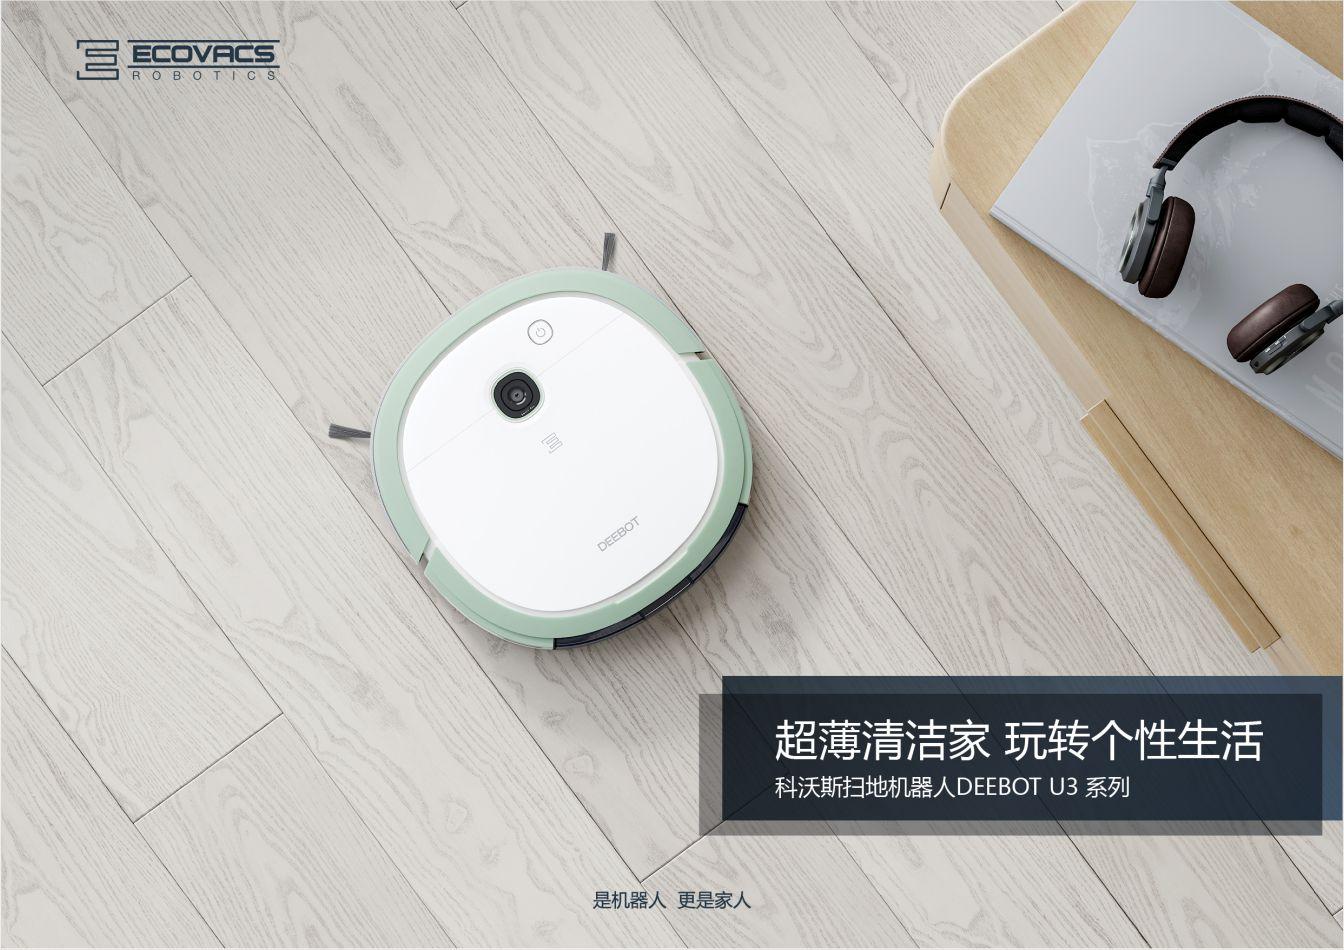 时尚超薄规划清扫也能拖 年轻人新选择 科沃斯DEEBOT U3扫地机器人上线